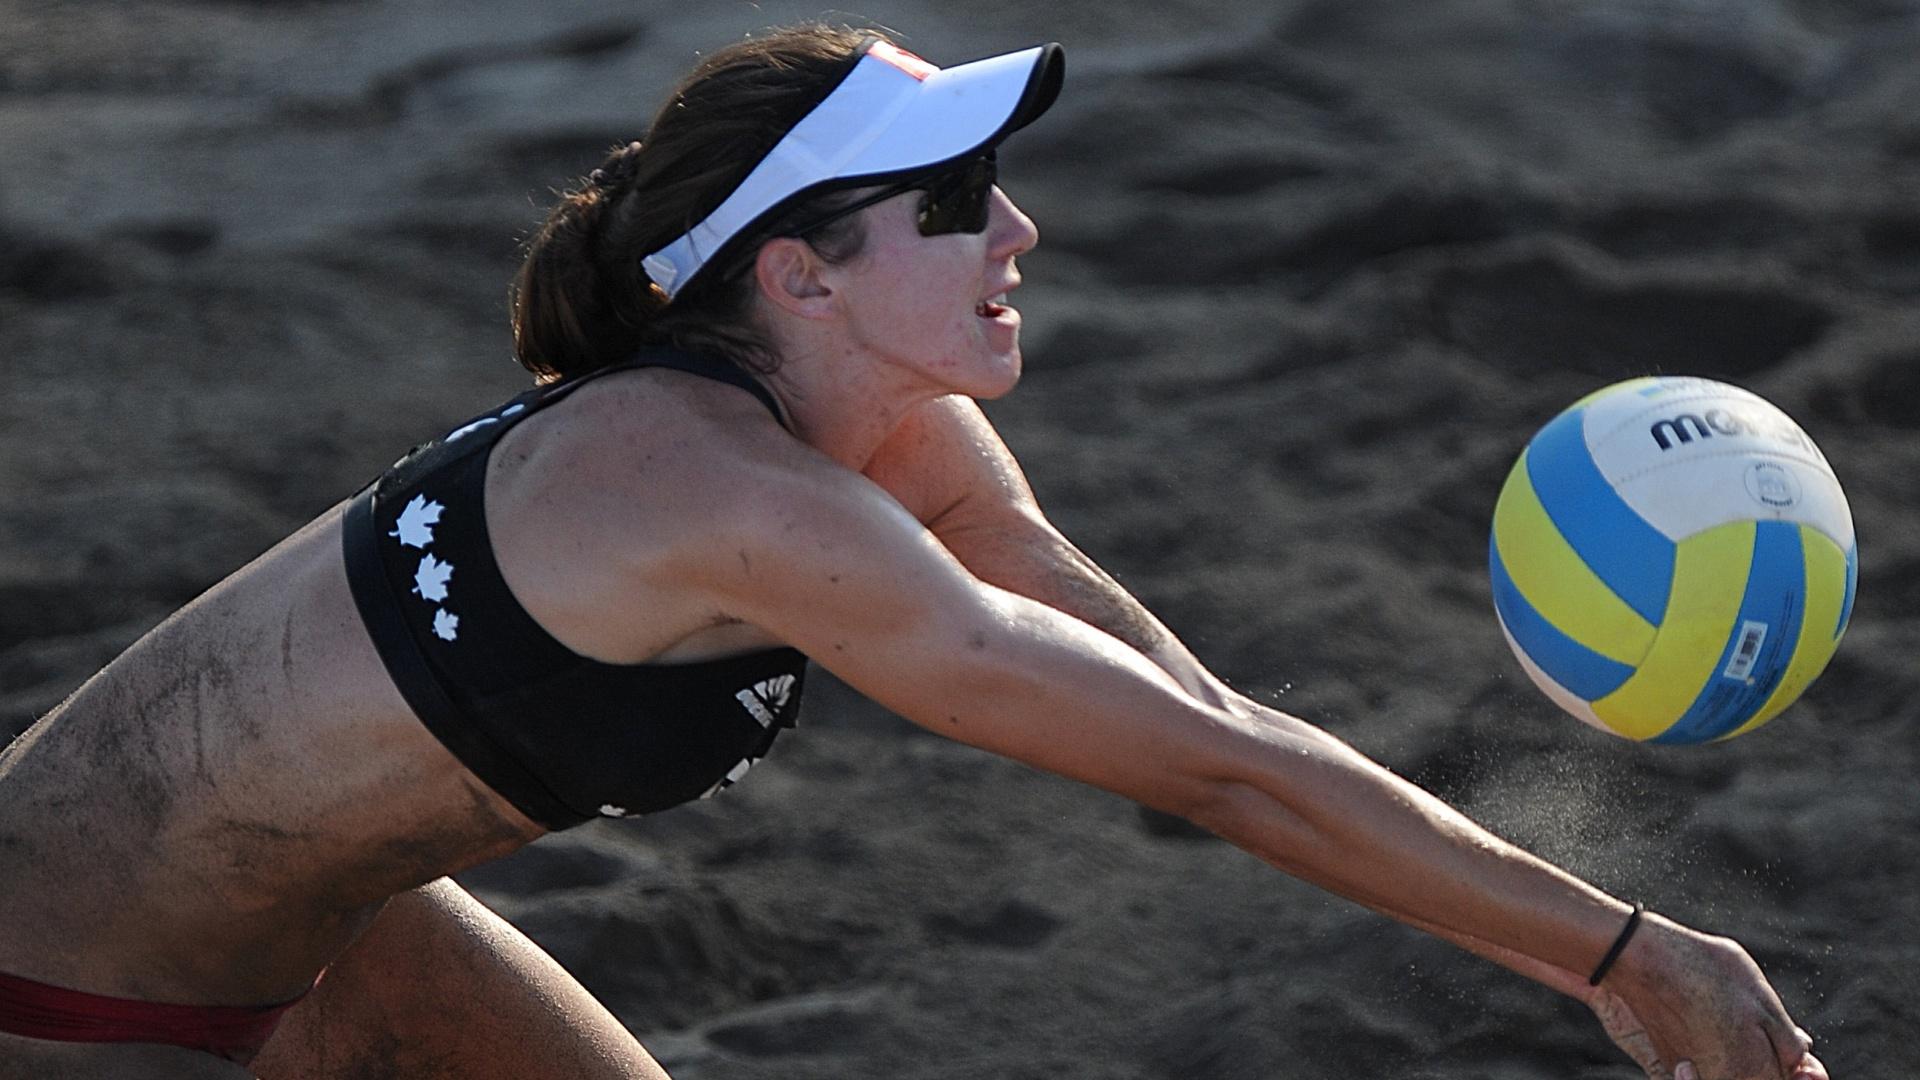 A canadense Elizabeth Maloney em ação no confronto com a dupla de Porto Rico no vôlei de praia